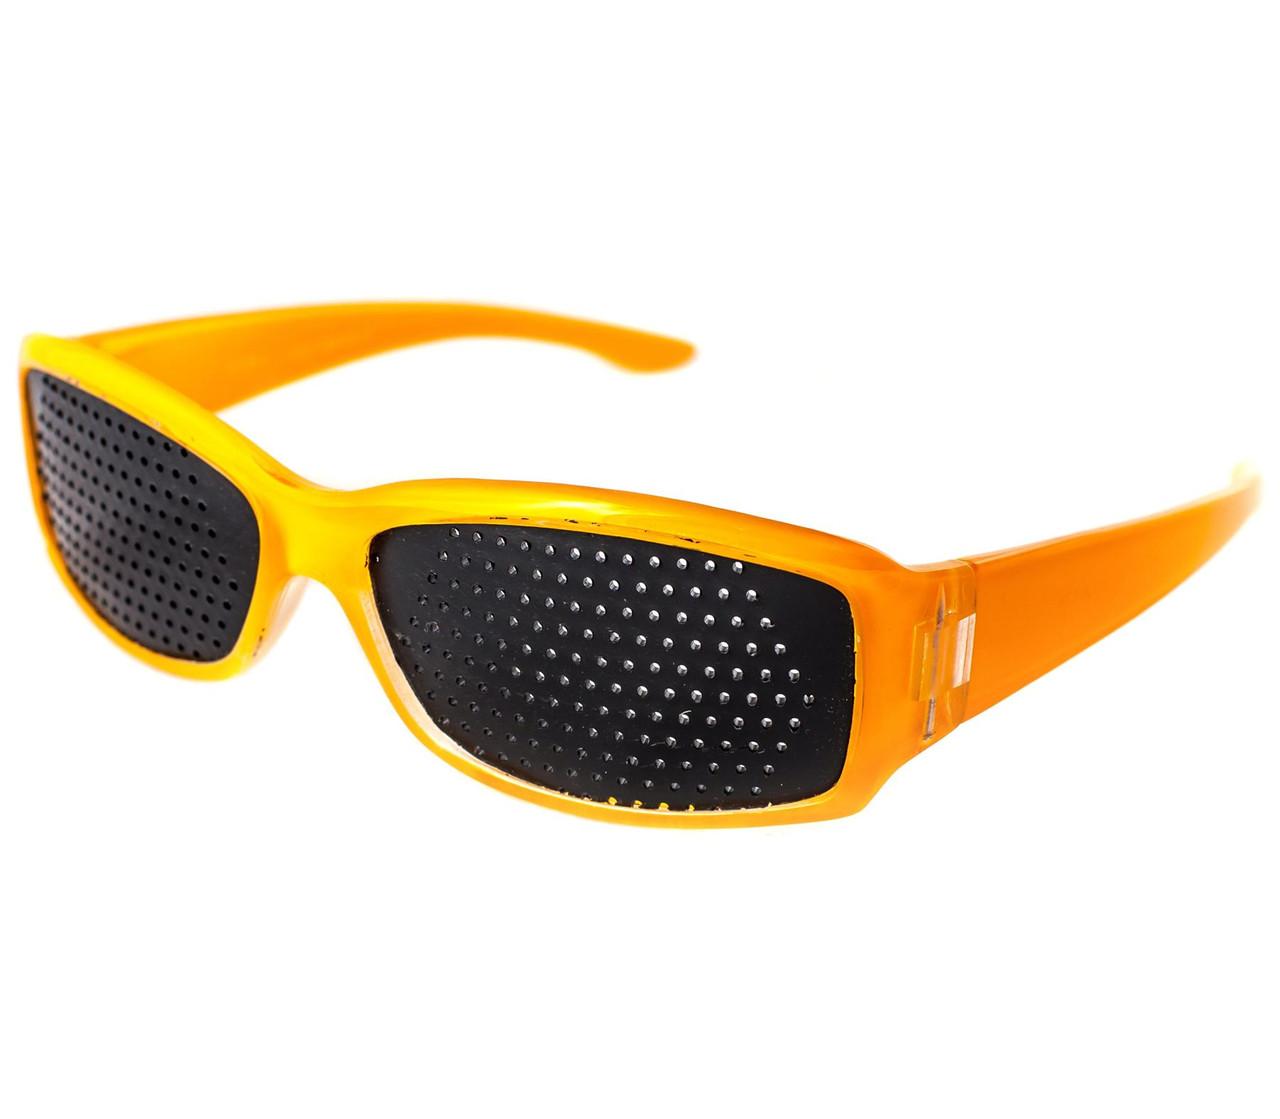 1491f8d14580 Очки тренажеры для зрения для глаз Veba H12587 L70 — купить в ...